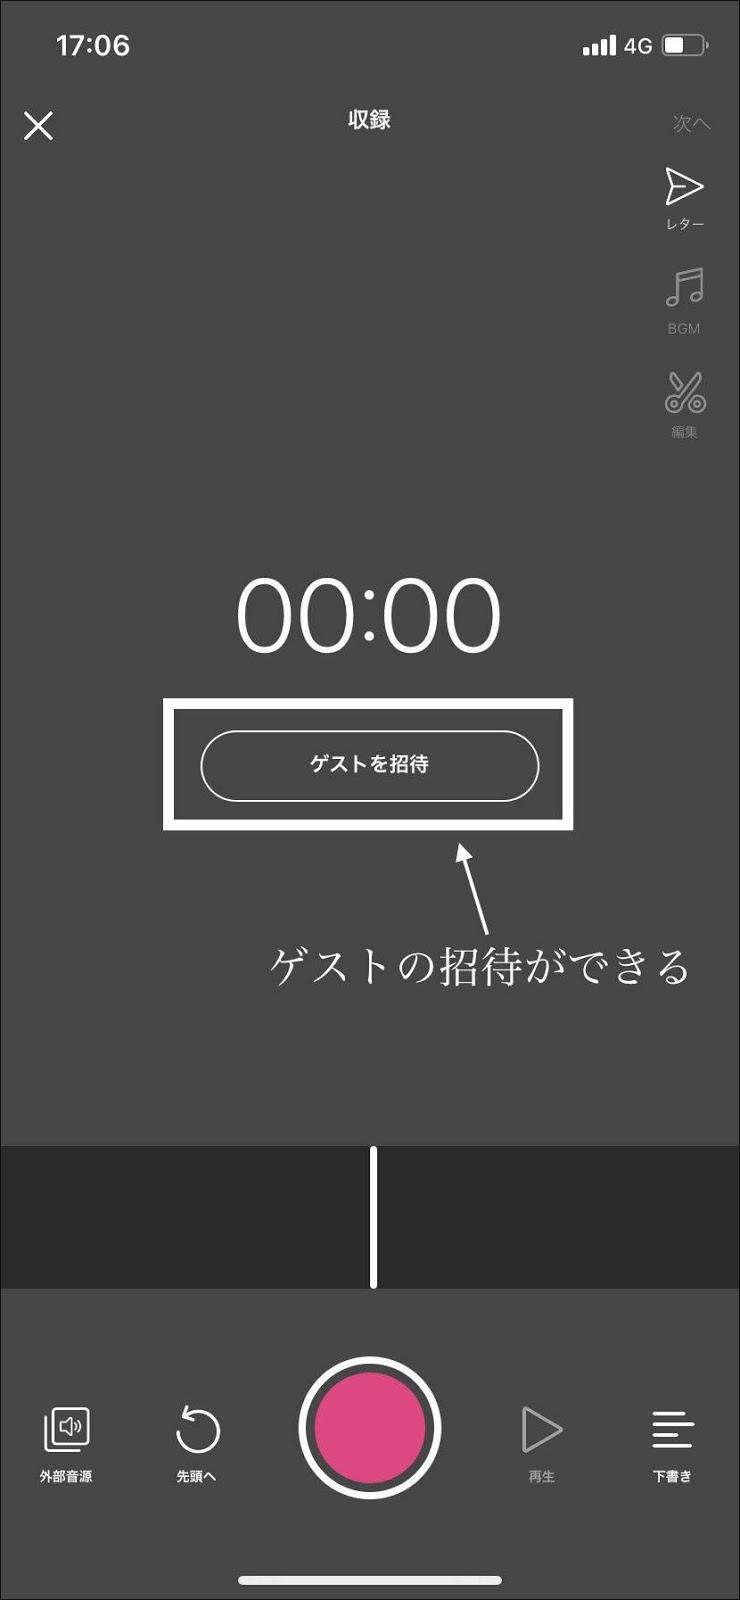 画像: 通常の音声配信では「ゲストを招待」でコラボが可能。